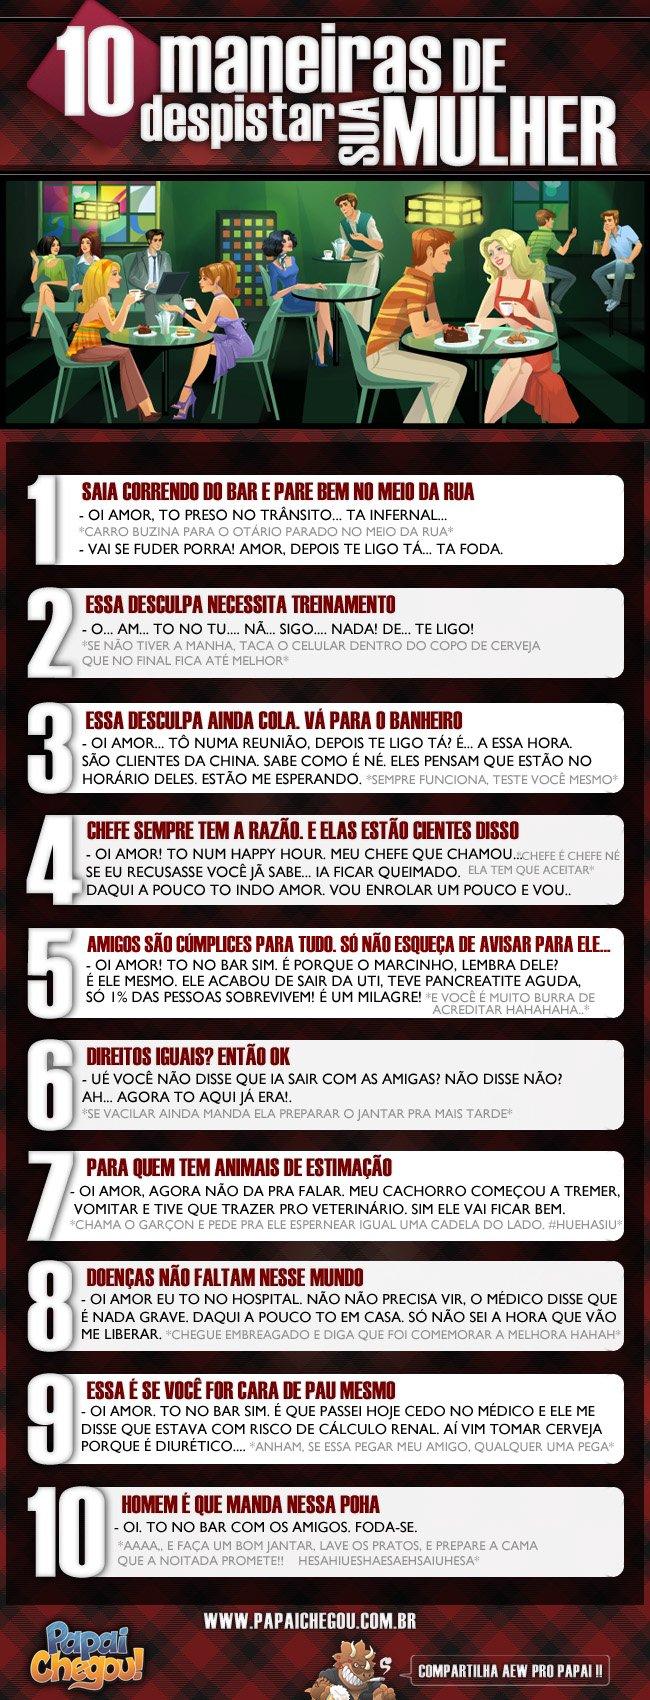 10 maneiras de despistar sua mulher